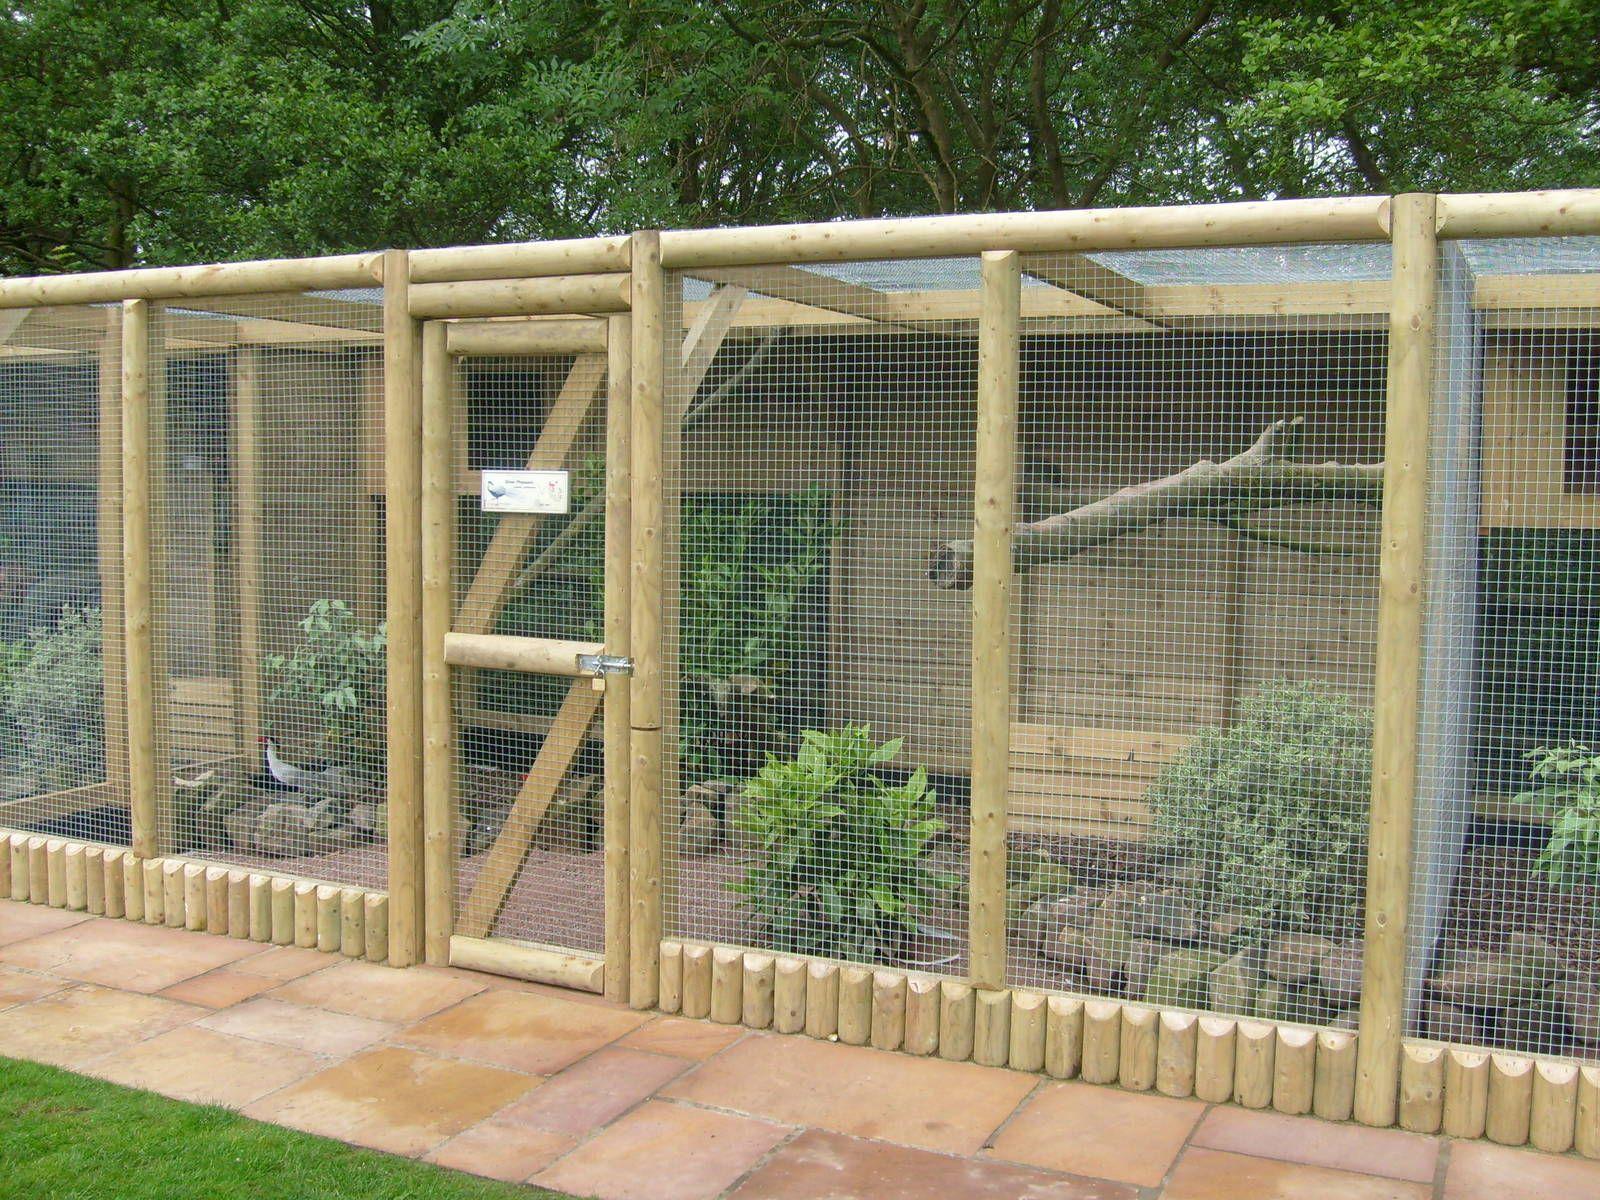 pheasant enclosures – Google Search